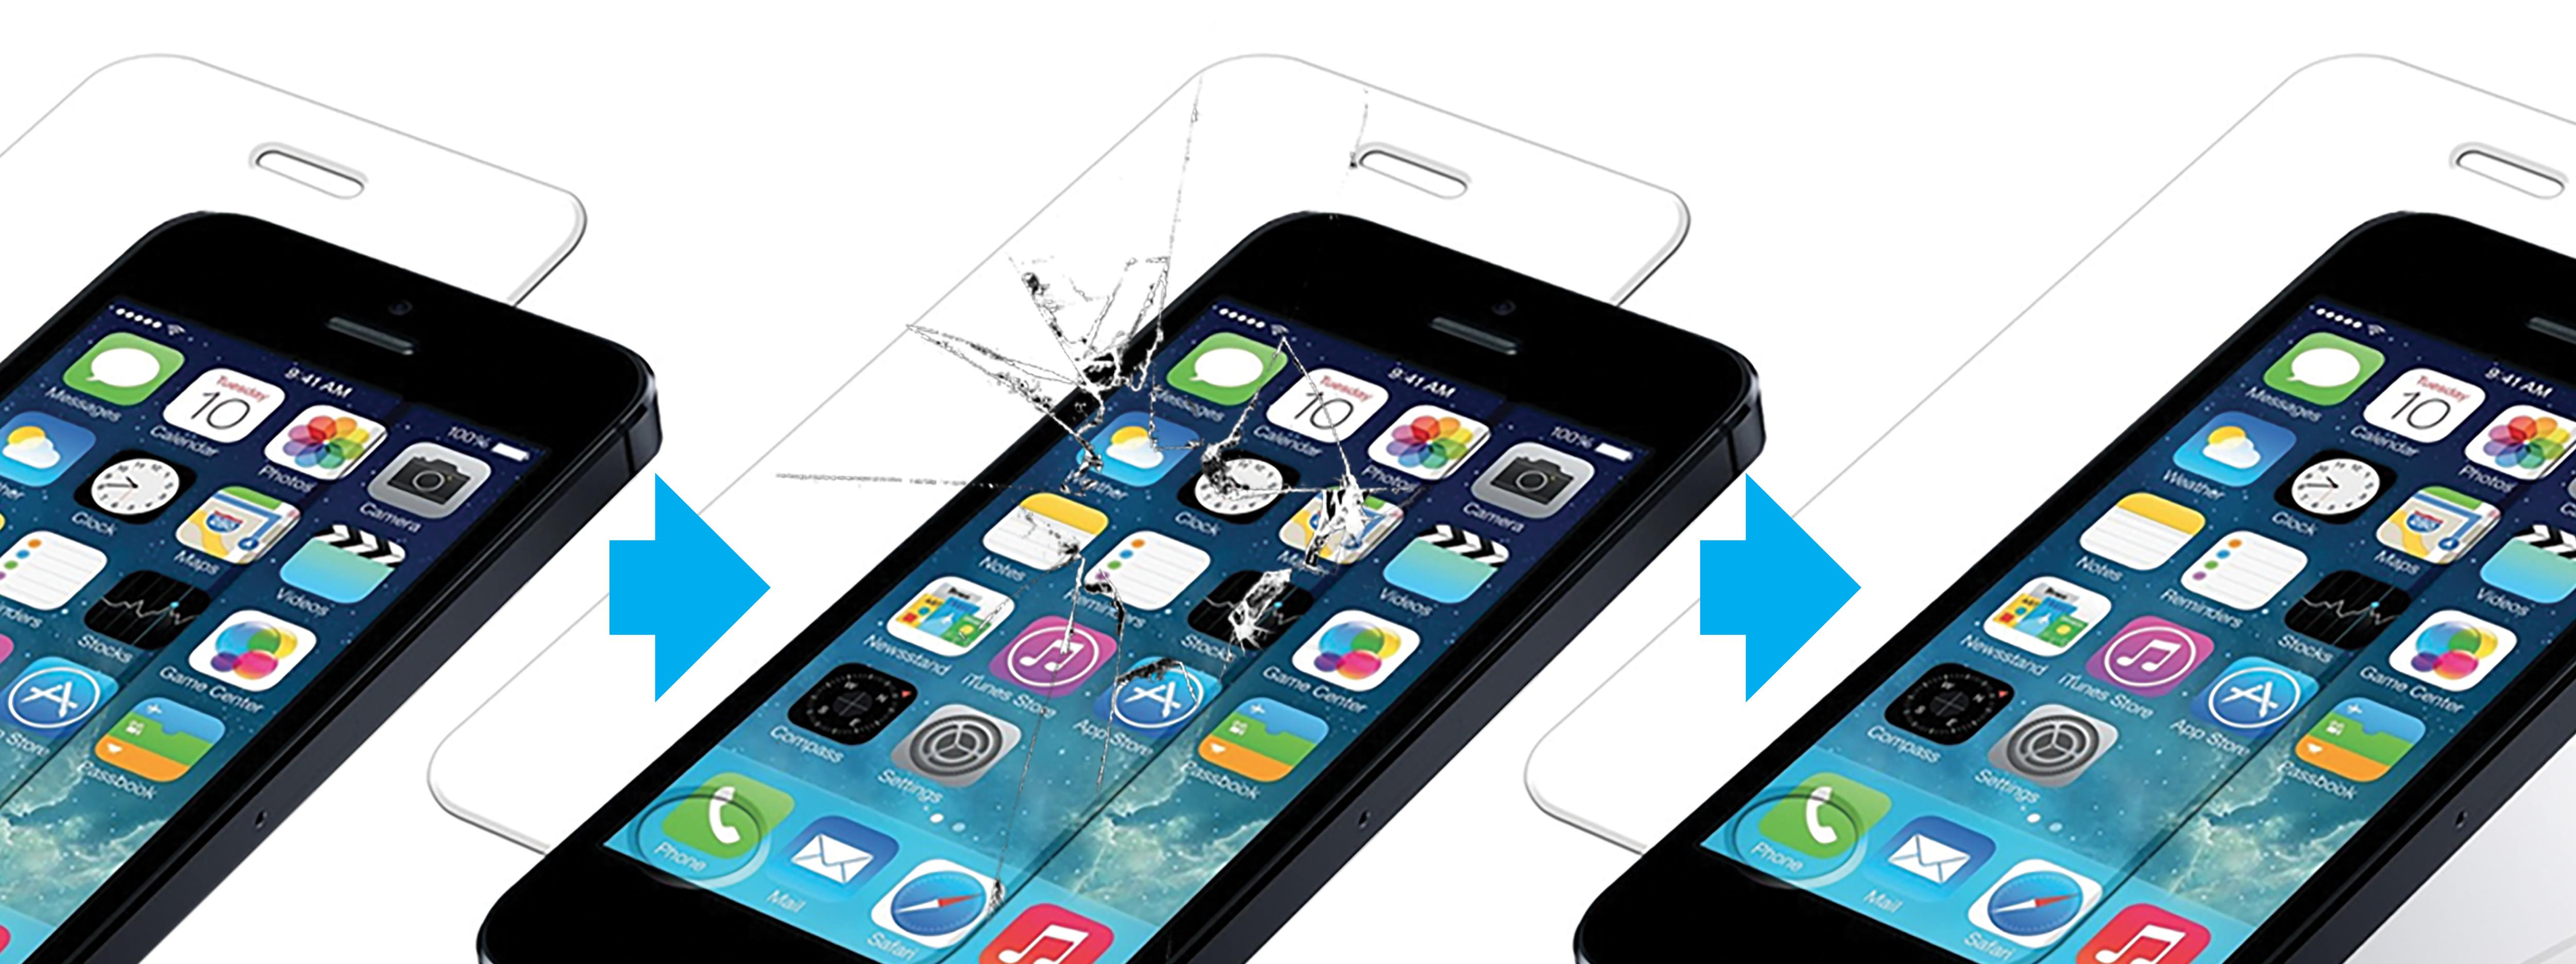 Tip na produkt v akci - Tvrzené sklo pro iPhone s doživotní zárukou!